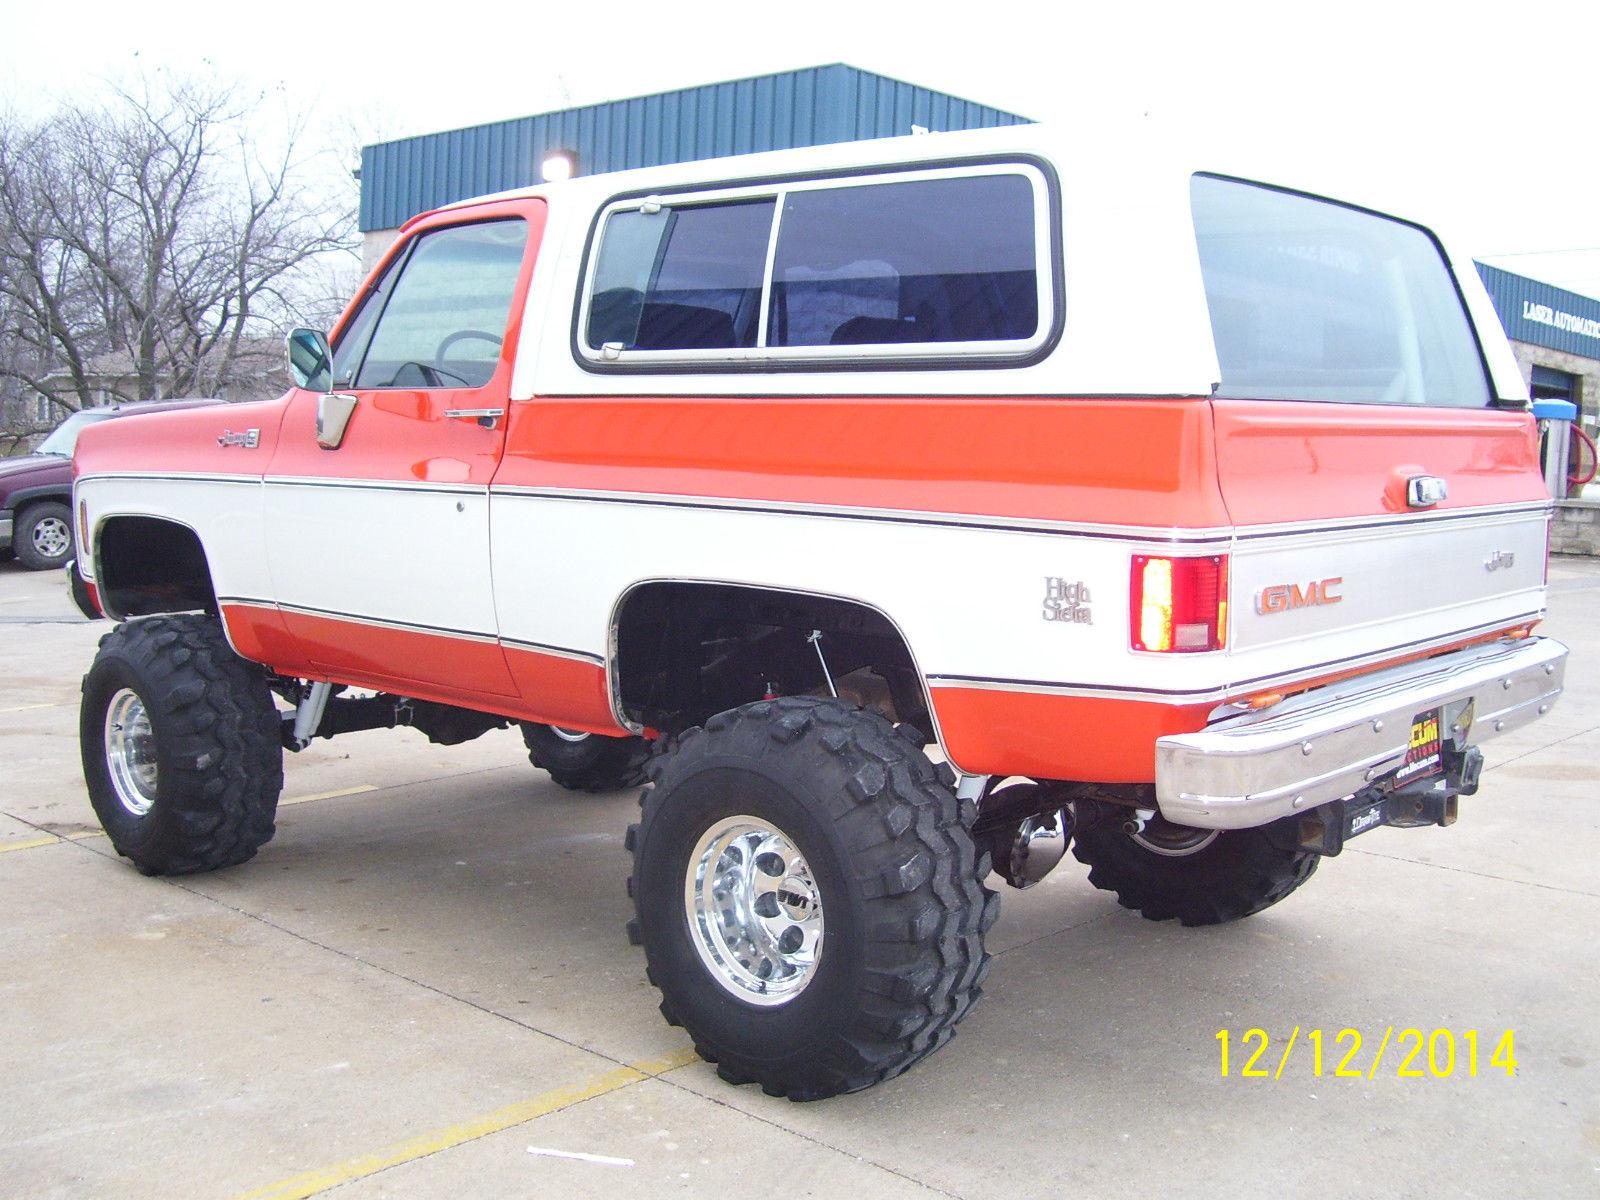 1979 GMC Jimmy High Sierra Sport Utility 2-Door 383 Stroker